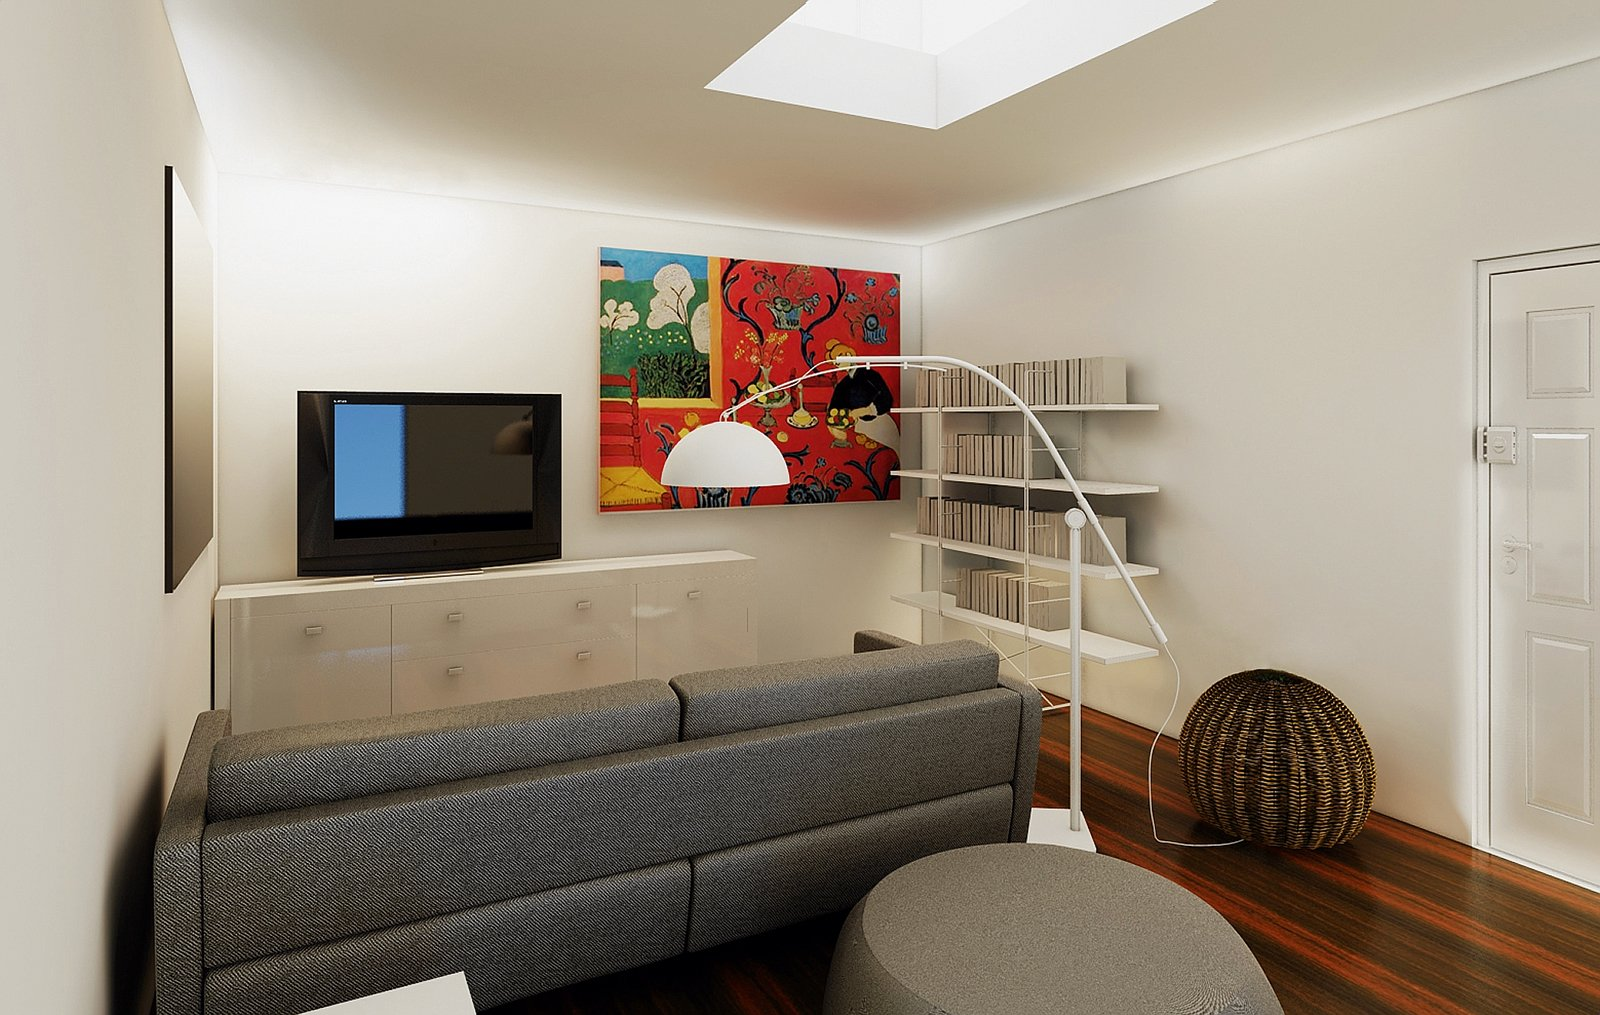 Più luce idee per moltiplicarla cose di casa